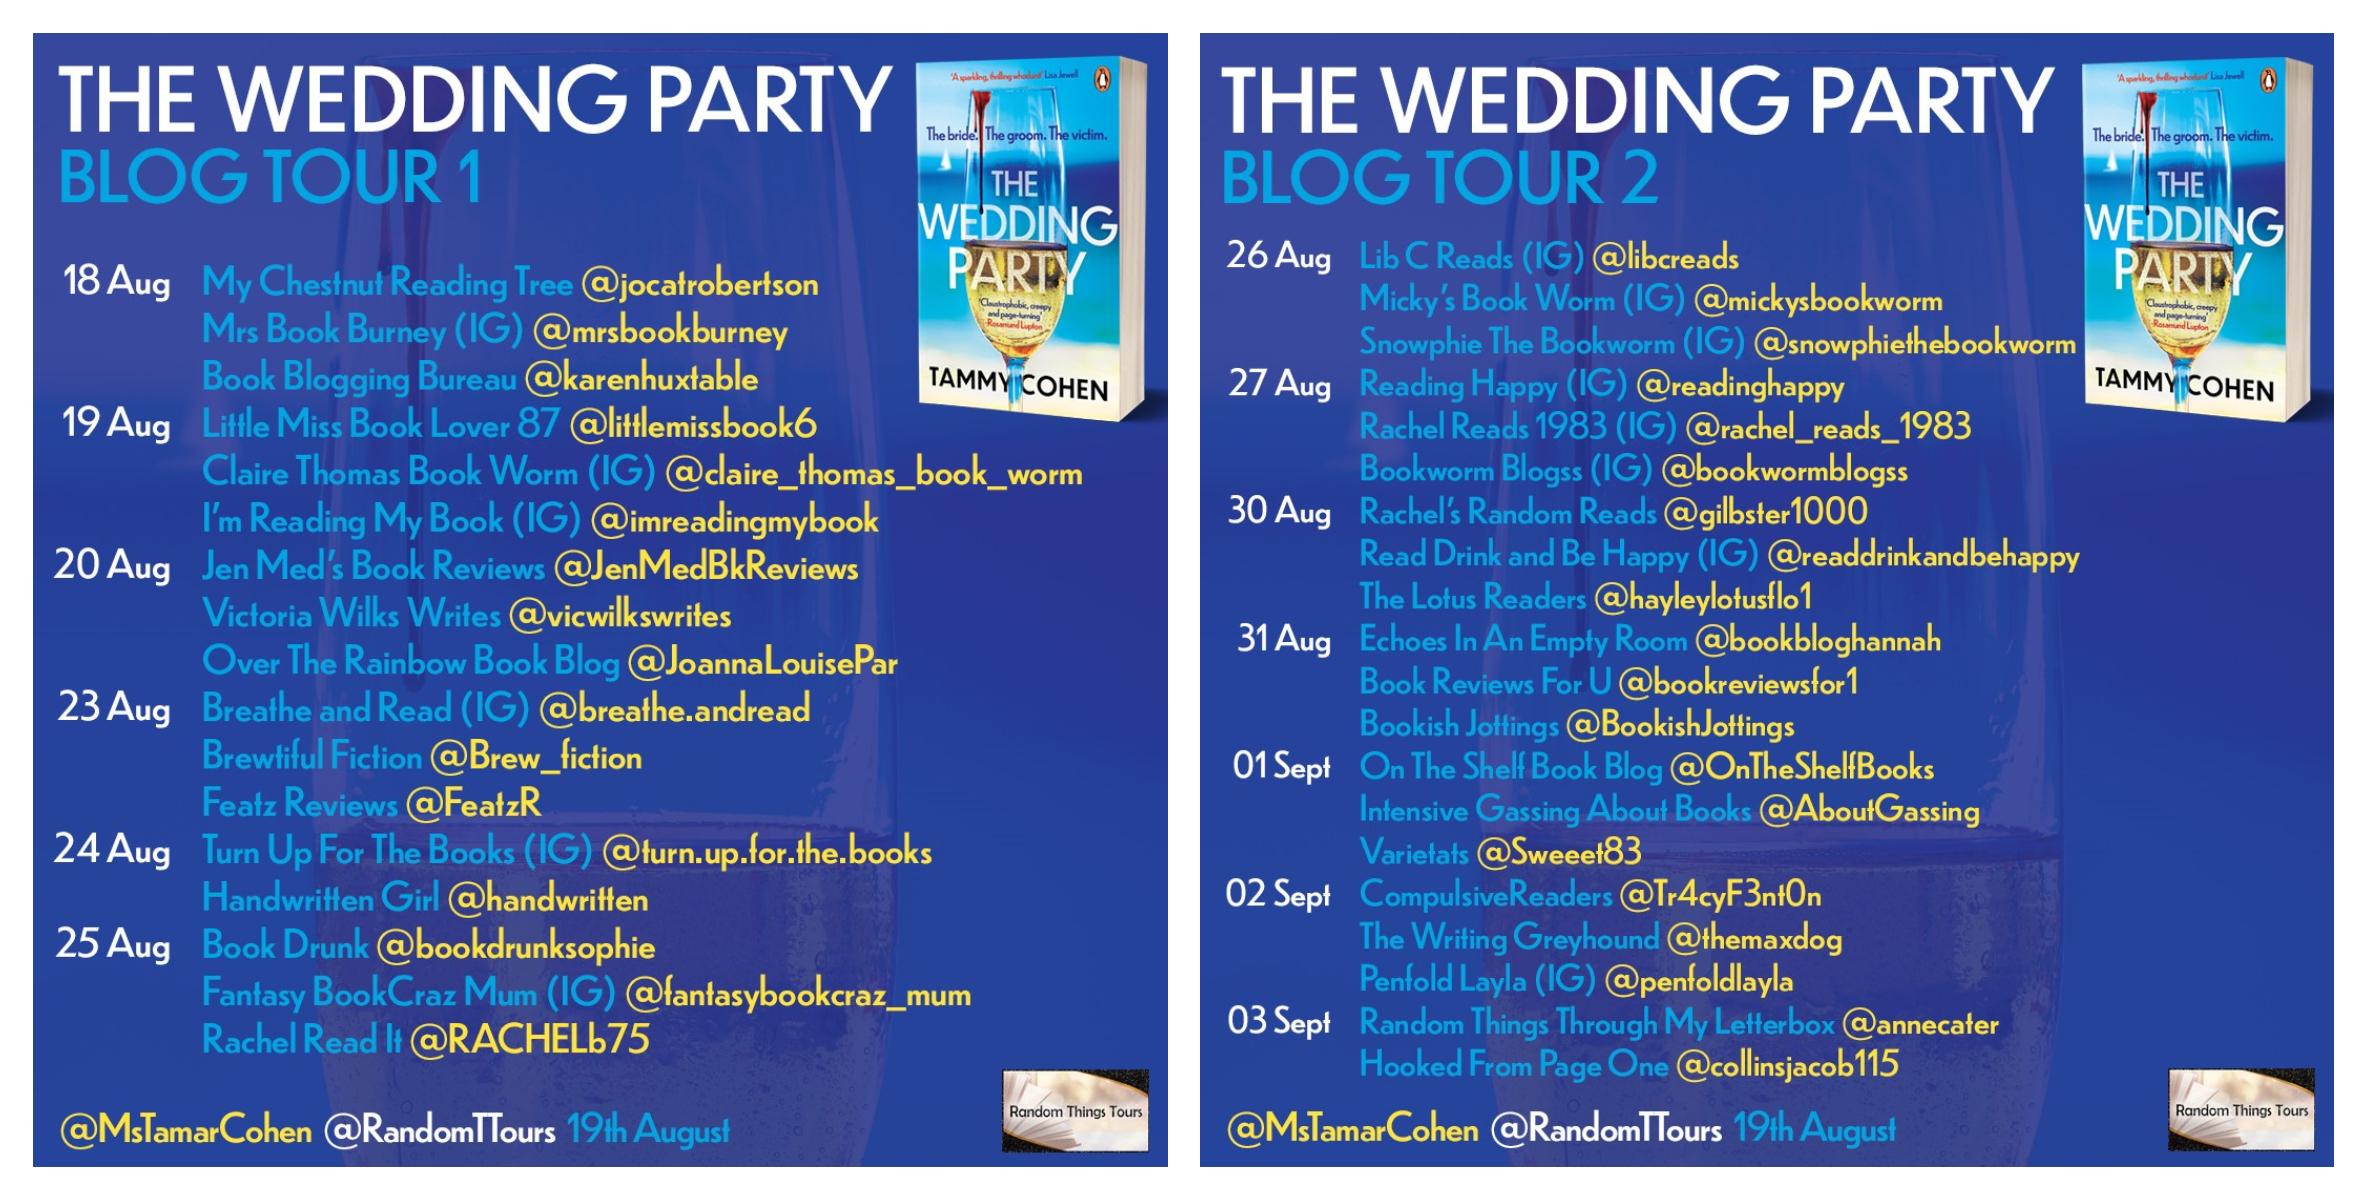 Wedding Party Full BT Posster